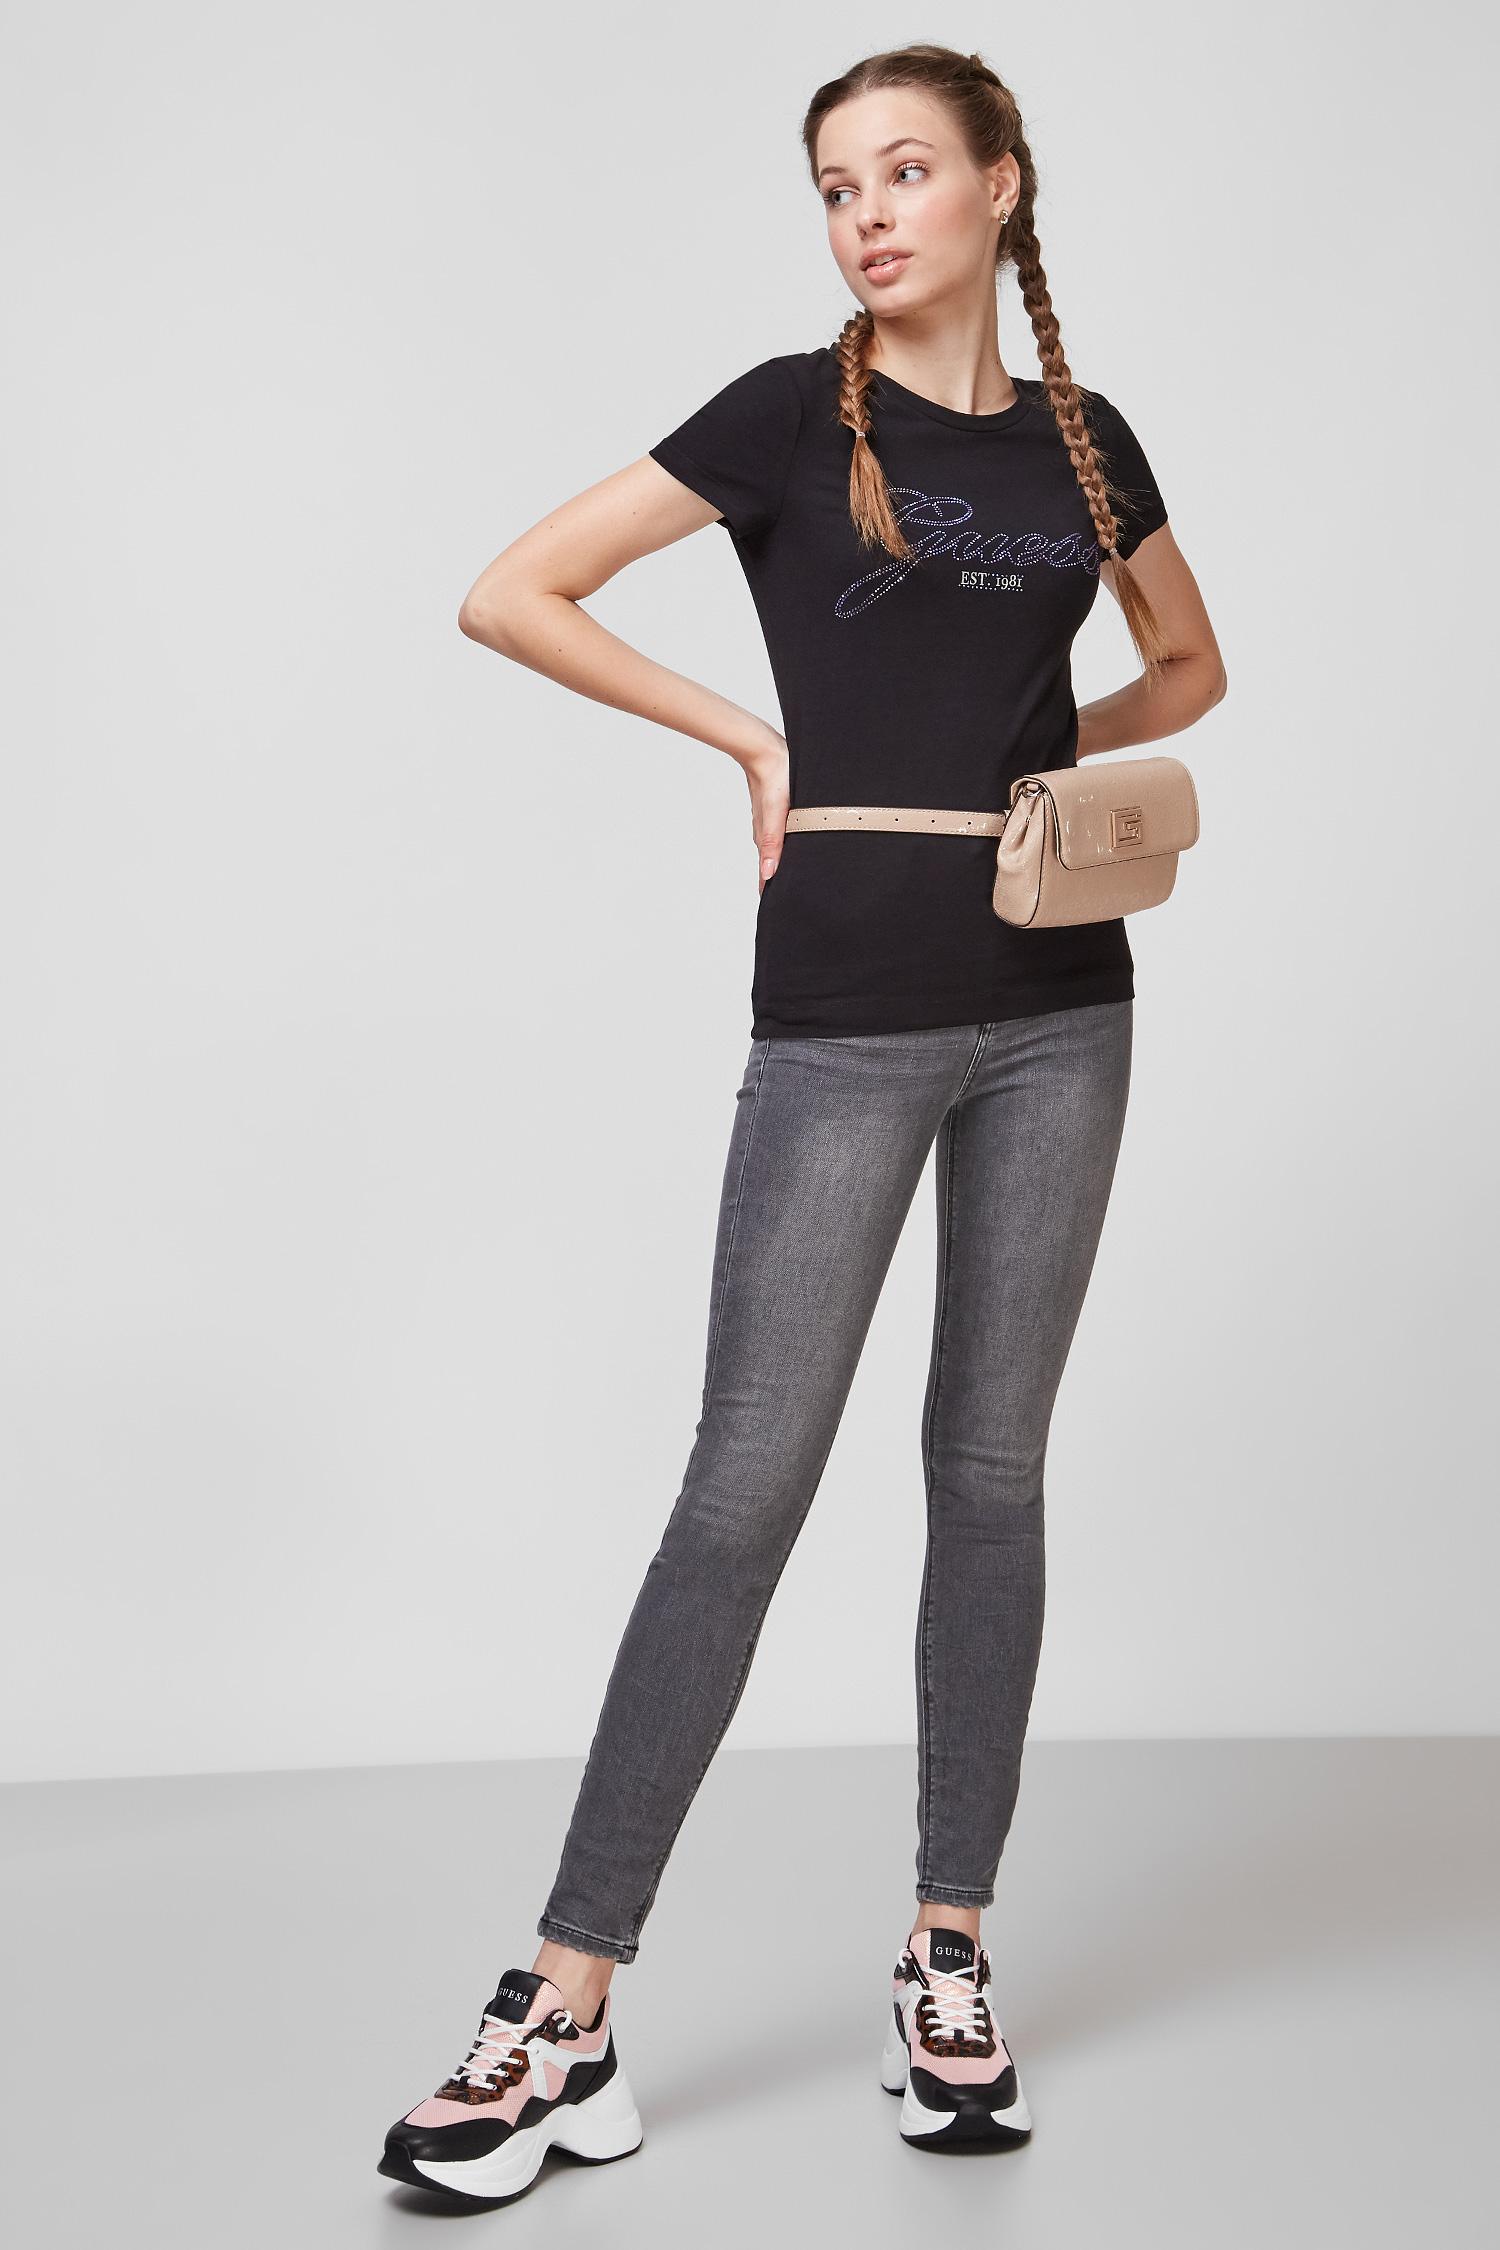 Чорна футболка для дівчат Guess W1YI85.J1311;JBLK